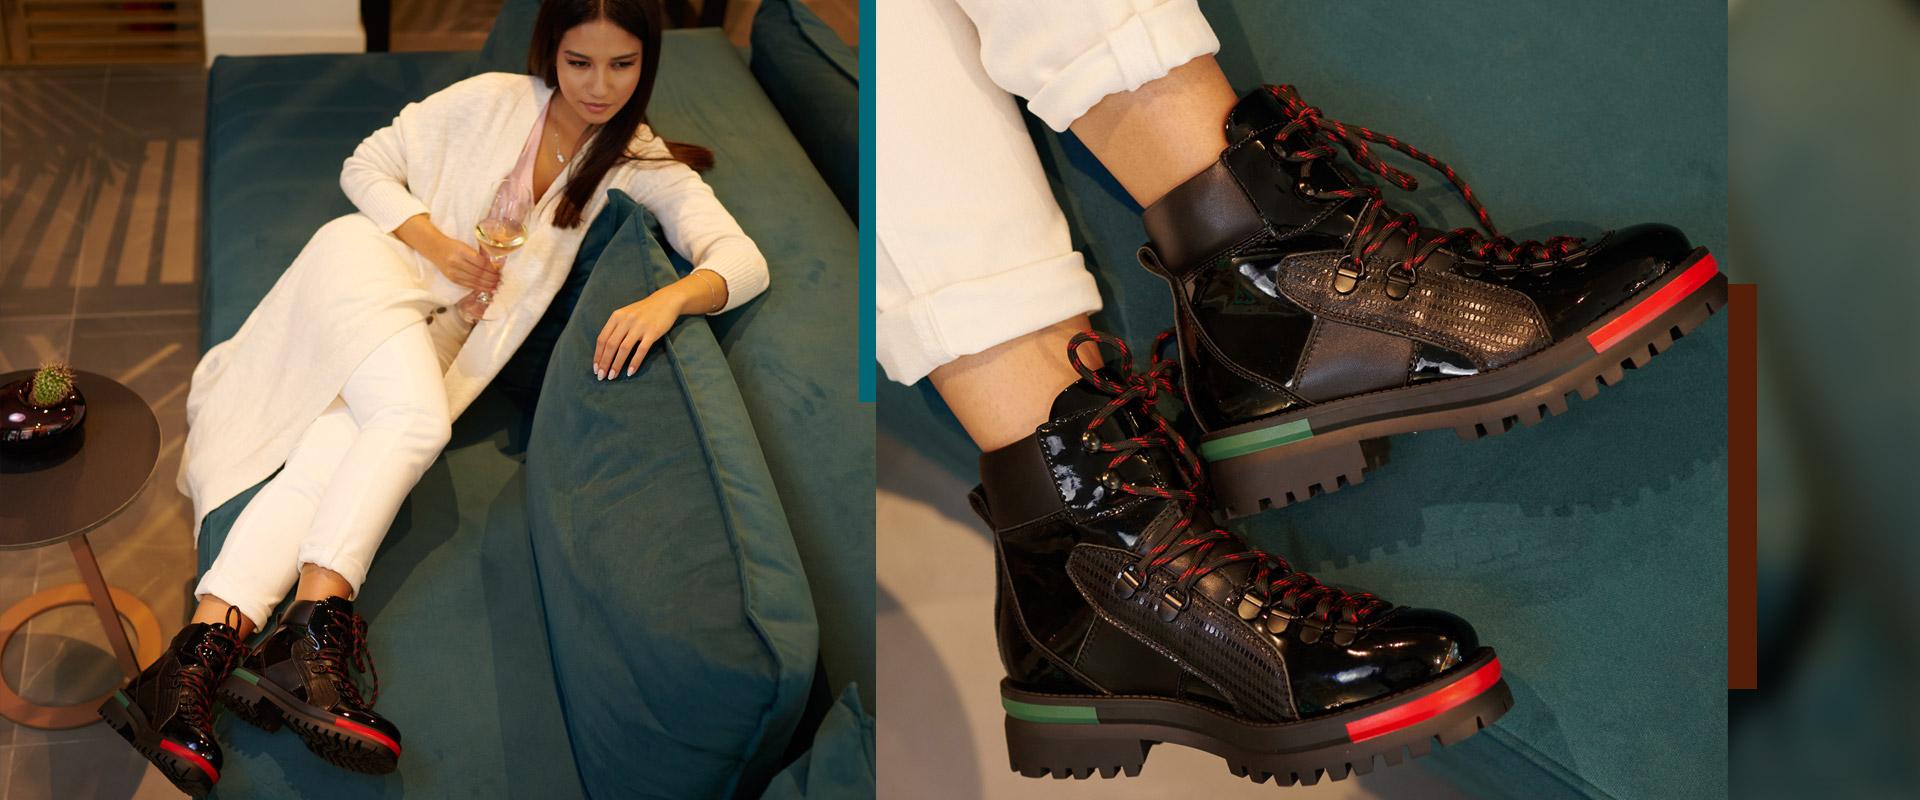 Γυναικεία Συλλογή παπουτσιών